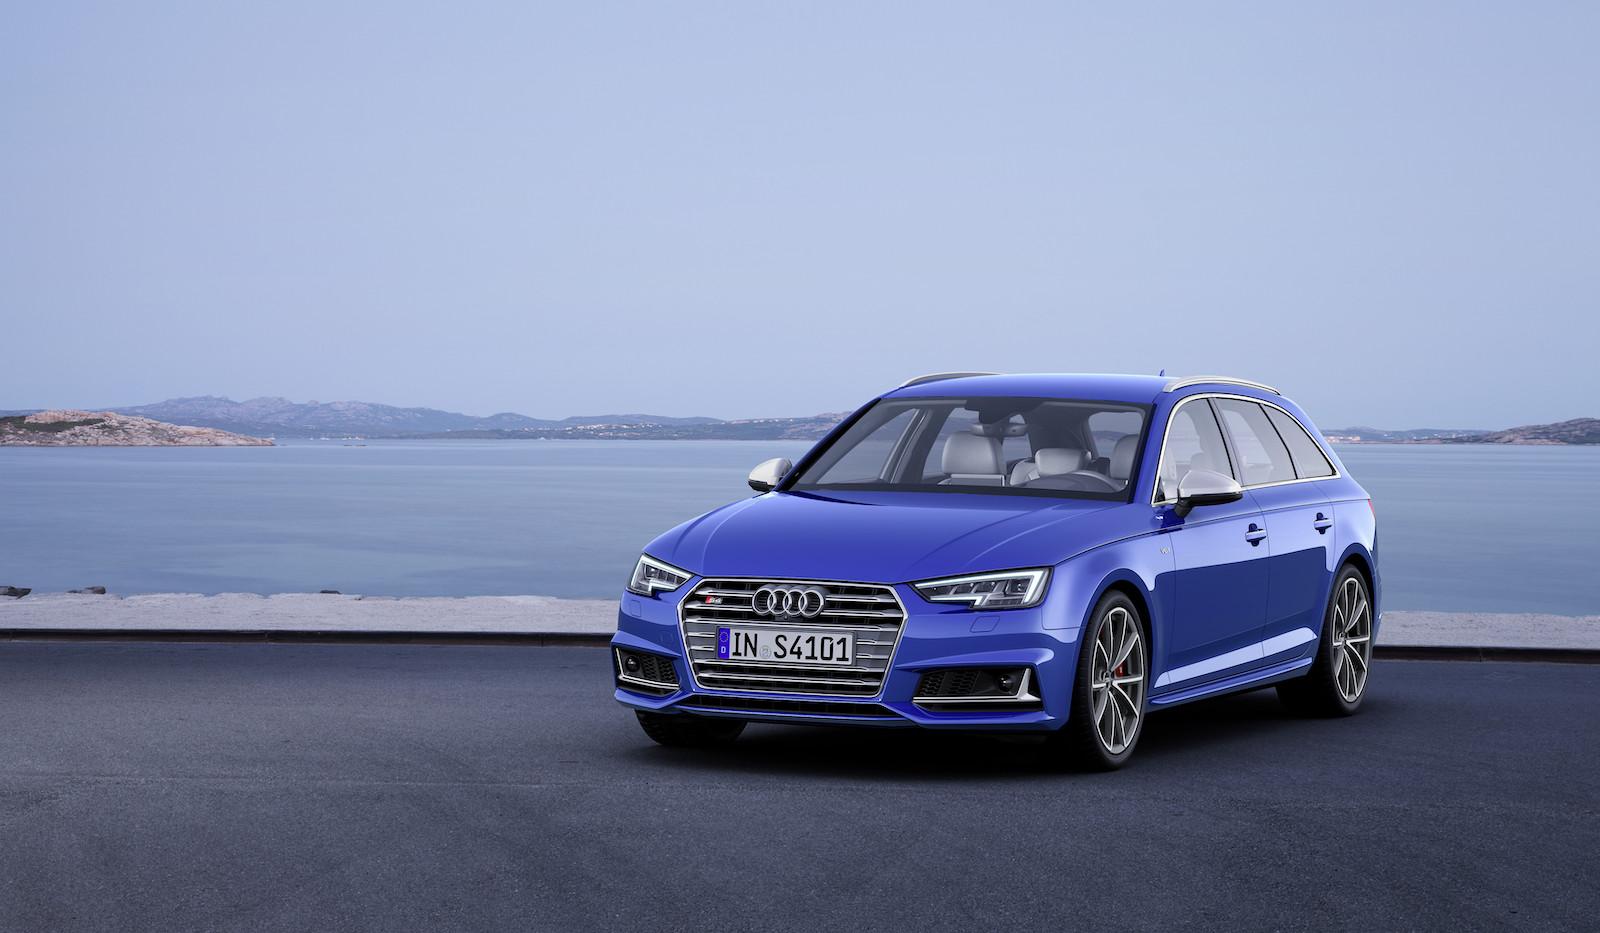 Audi-S4-B9-Fiche-occasion-3.jpg